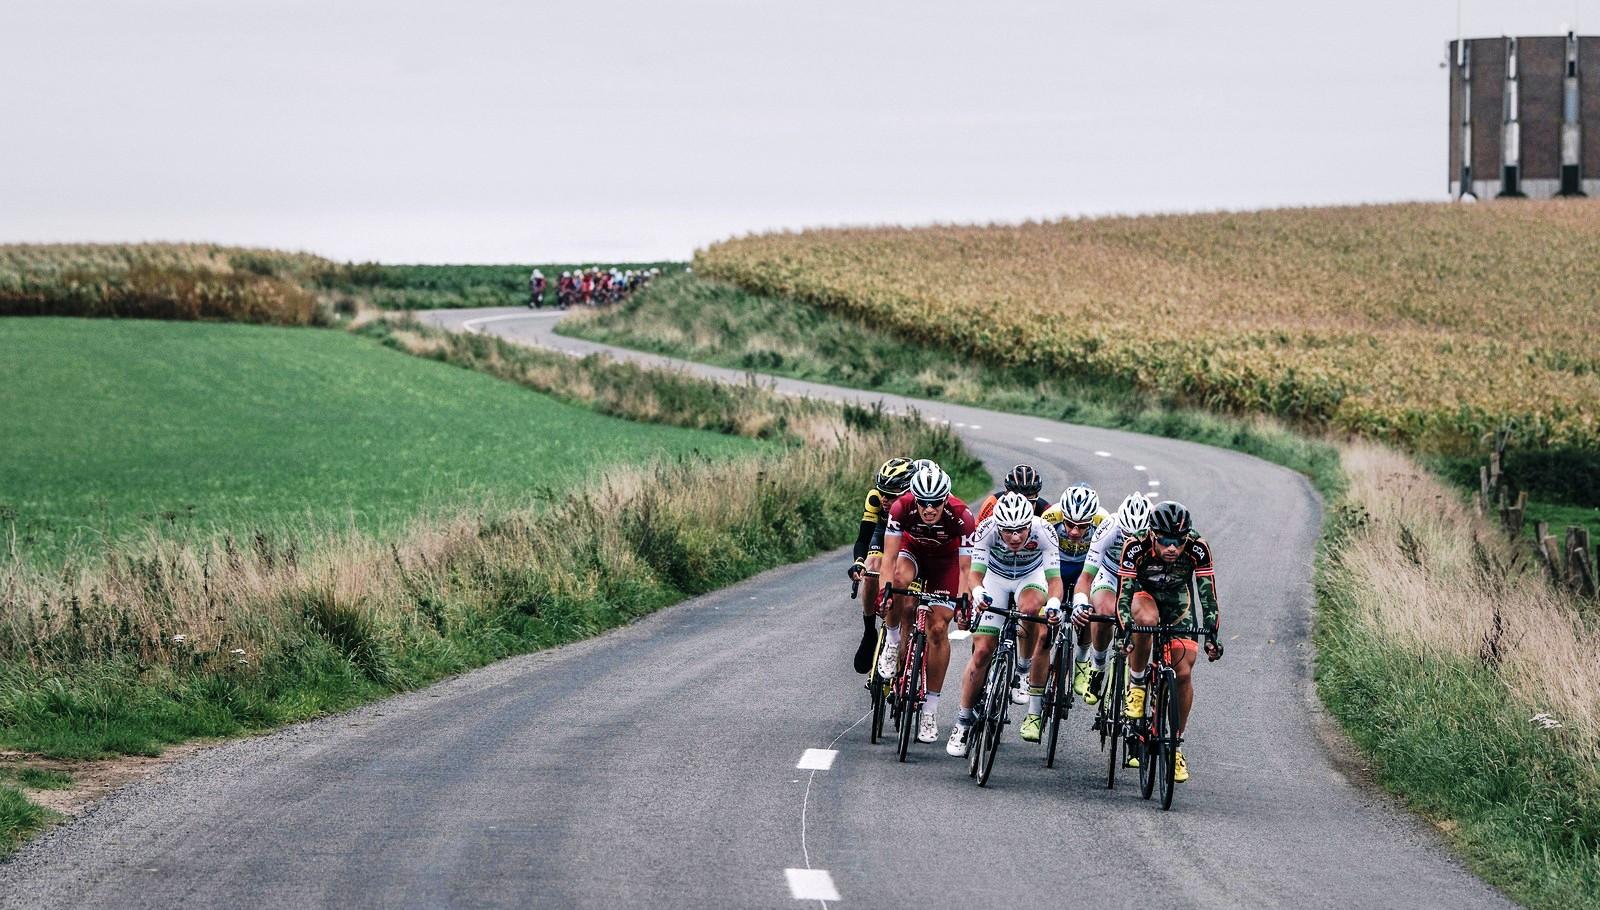 Οι θεμελιώδεις κανόνες της αγωνιστικής ποδηλασίας